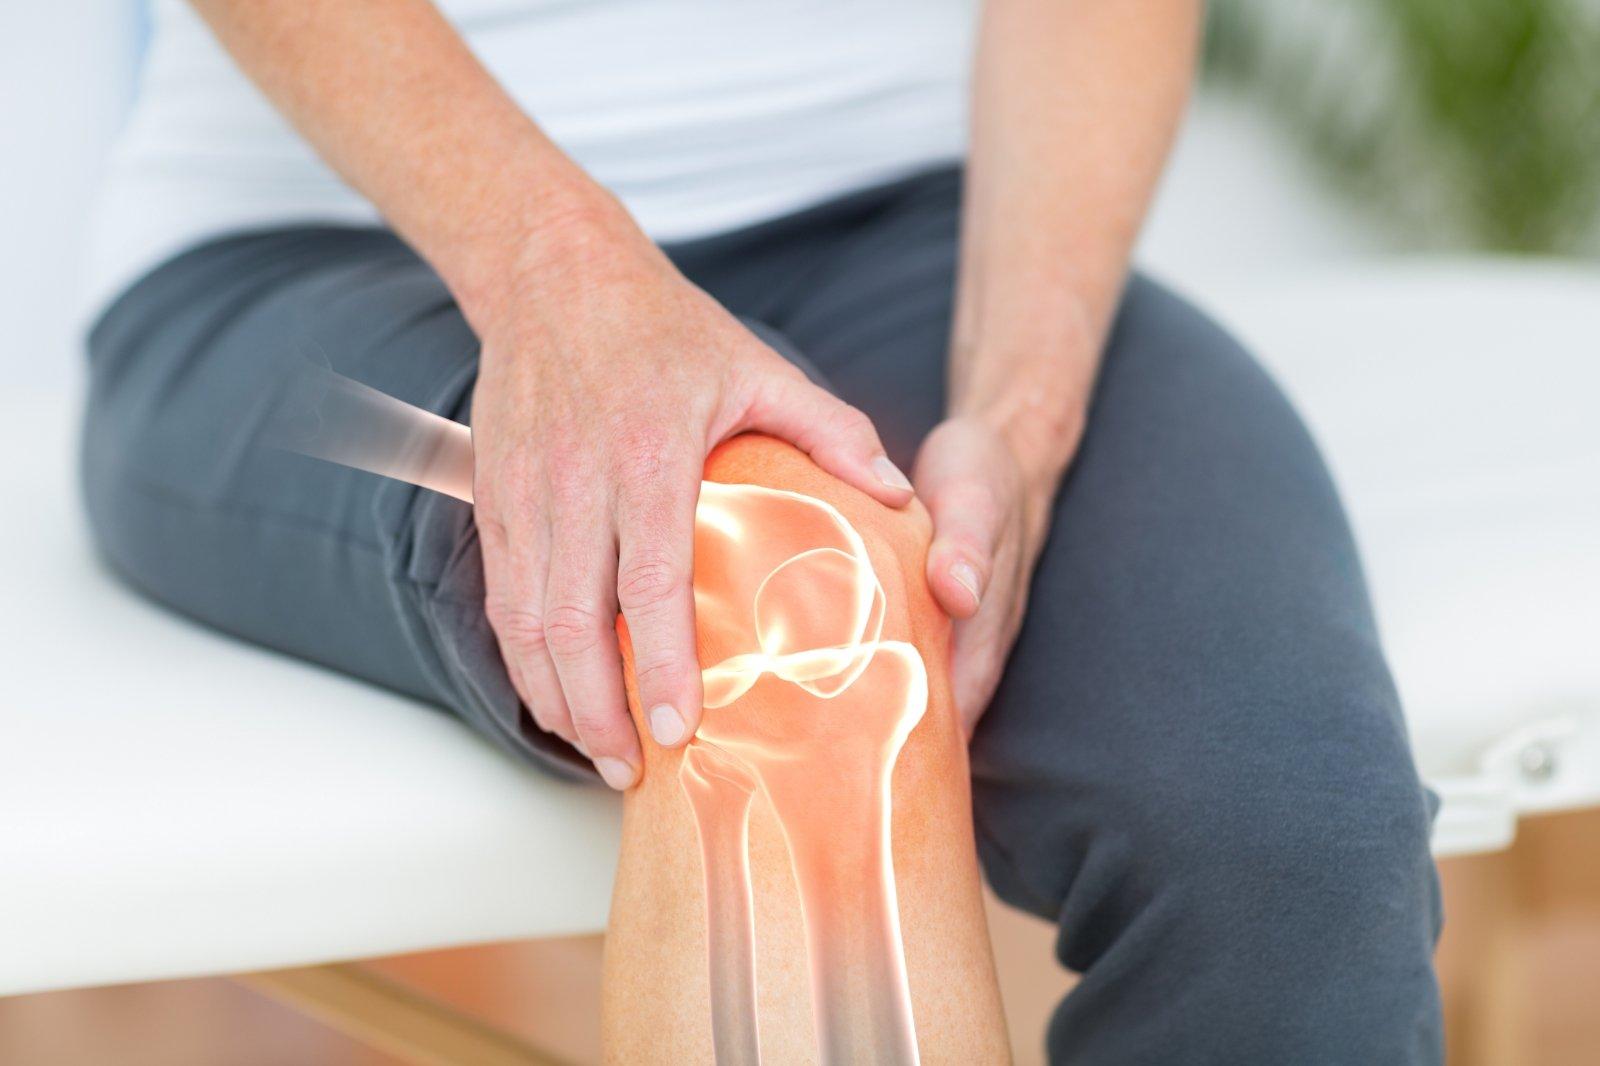 liaudies gynimo priemonės skirtos pirštų sąnarių gydymo skauda raumenų ir sąnarių galvą